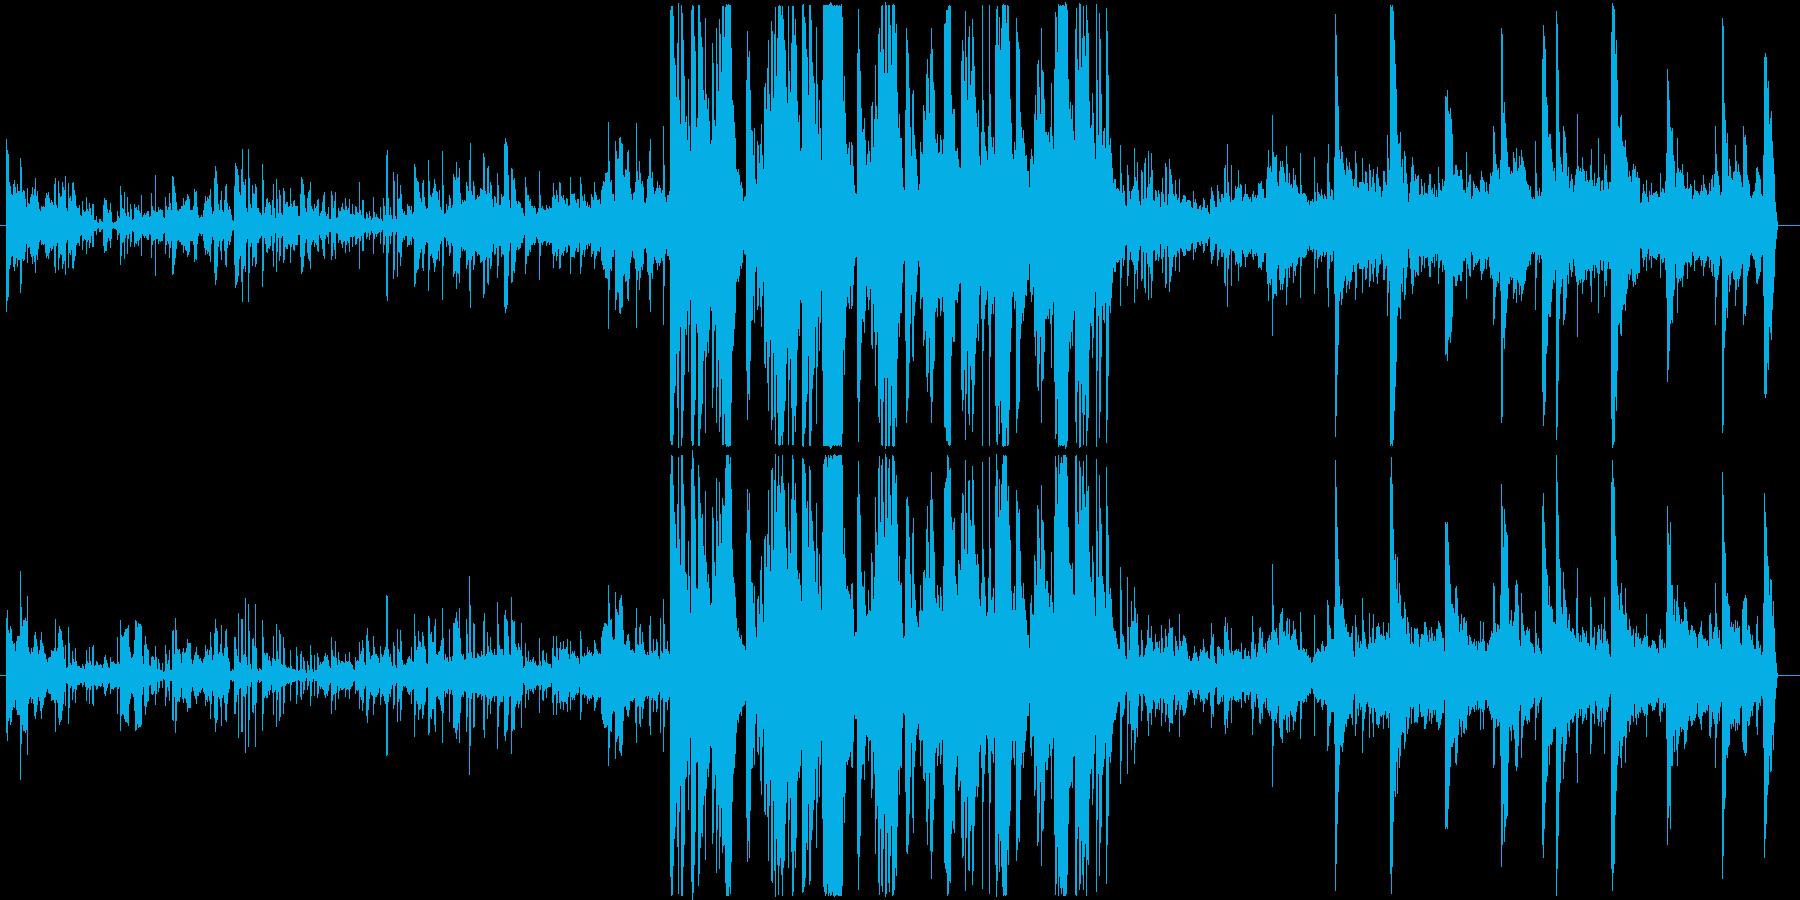 疑い・疑惑シーンのBGMの再生済みの波形